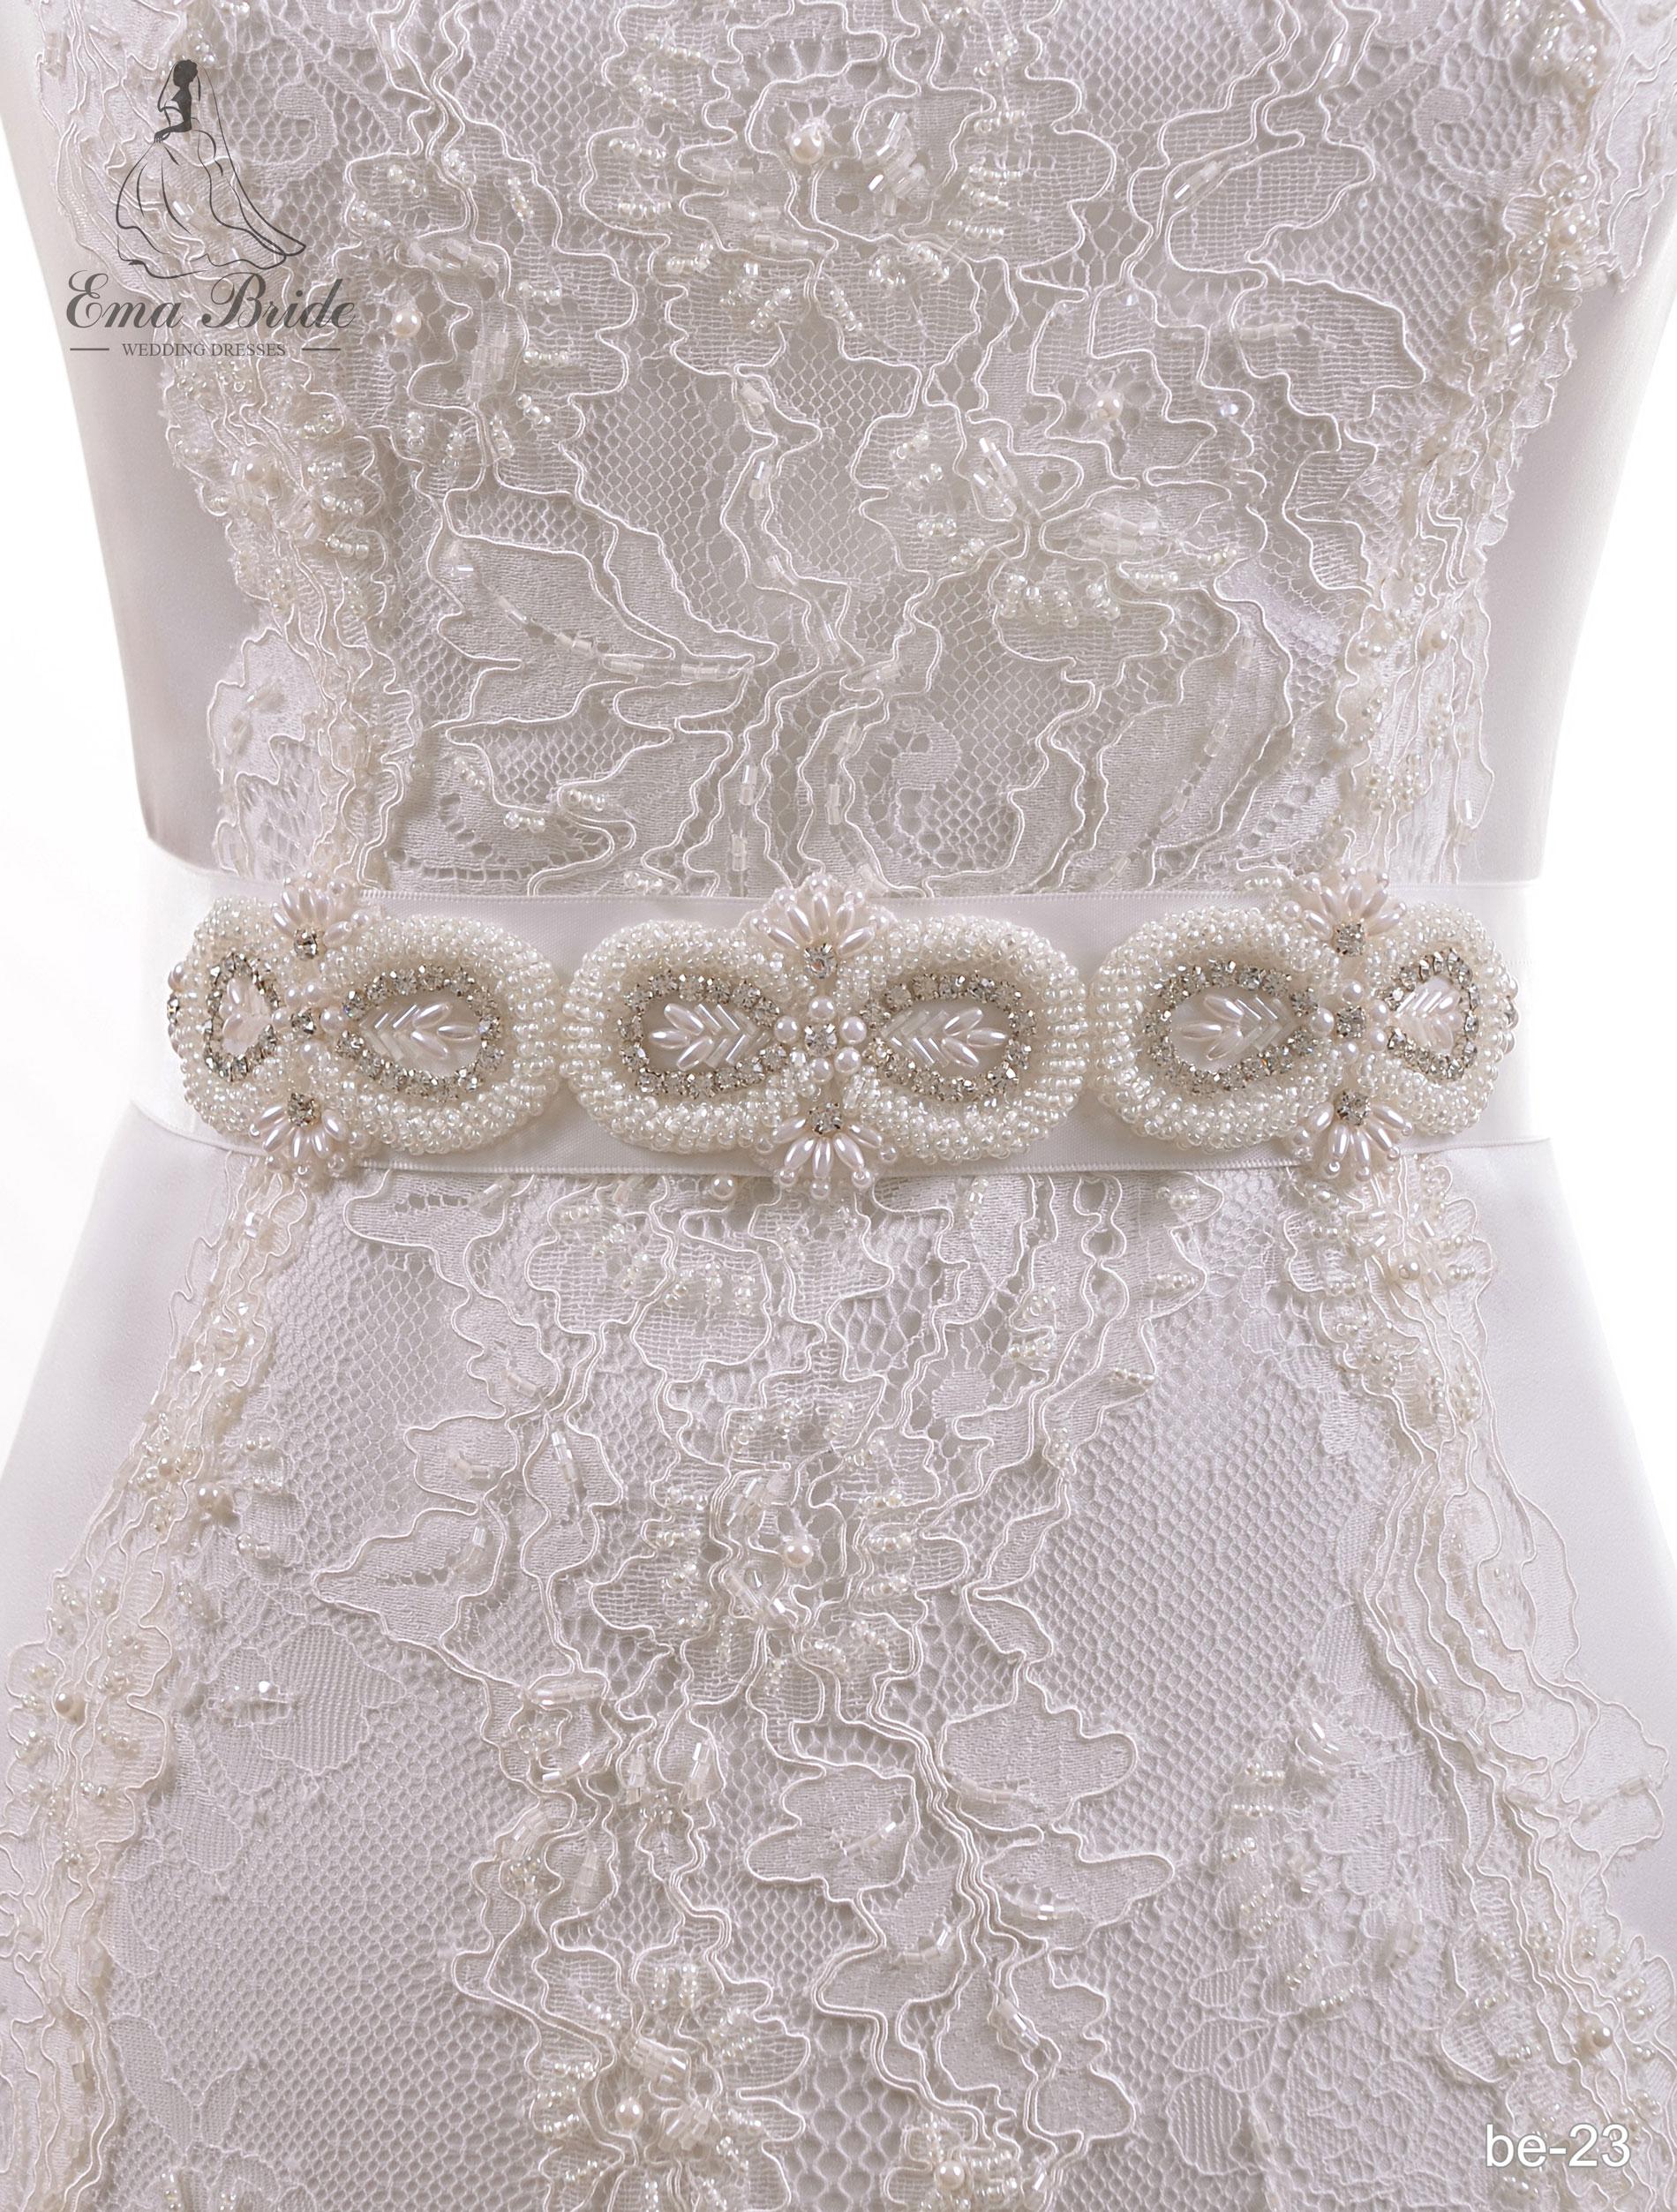 A belt for a wedding dress Be-23